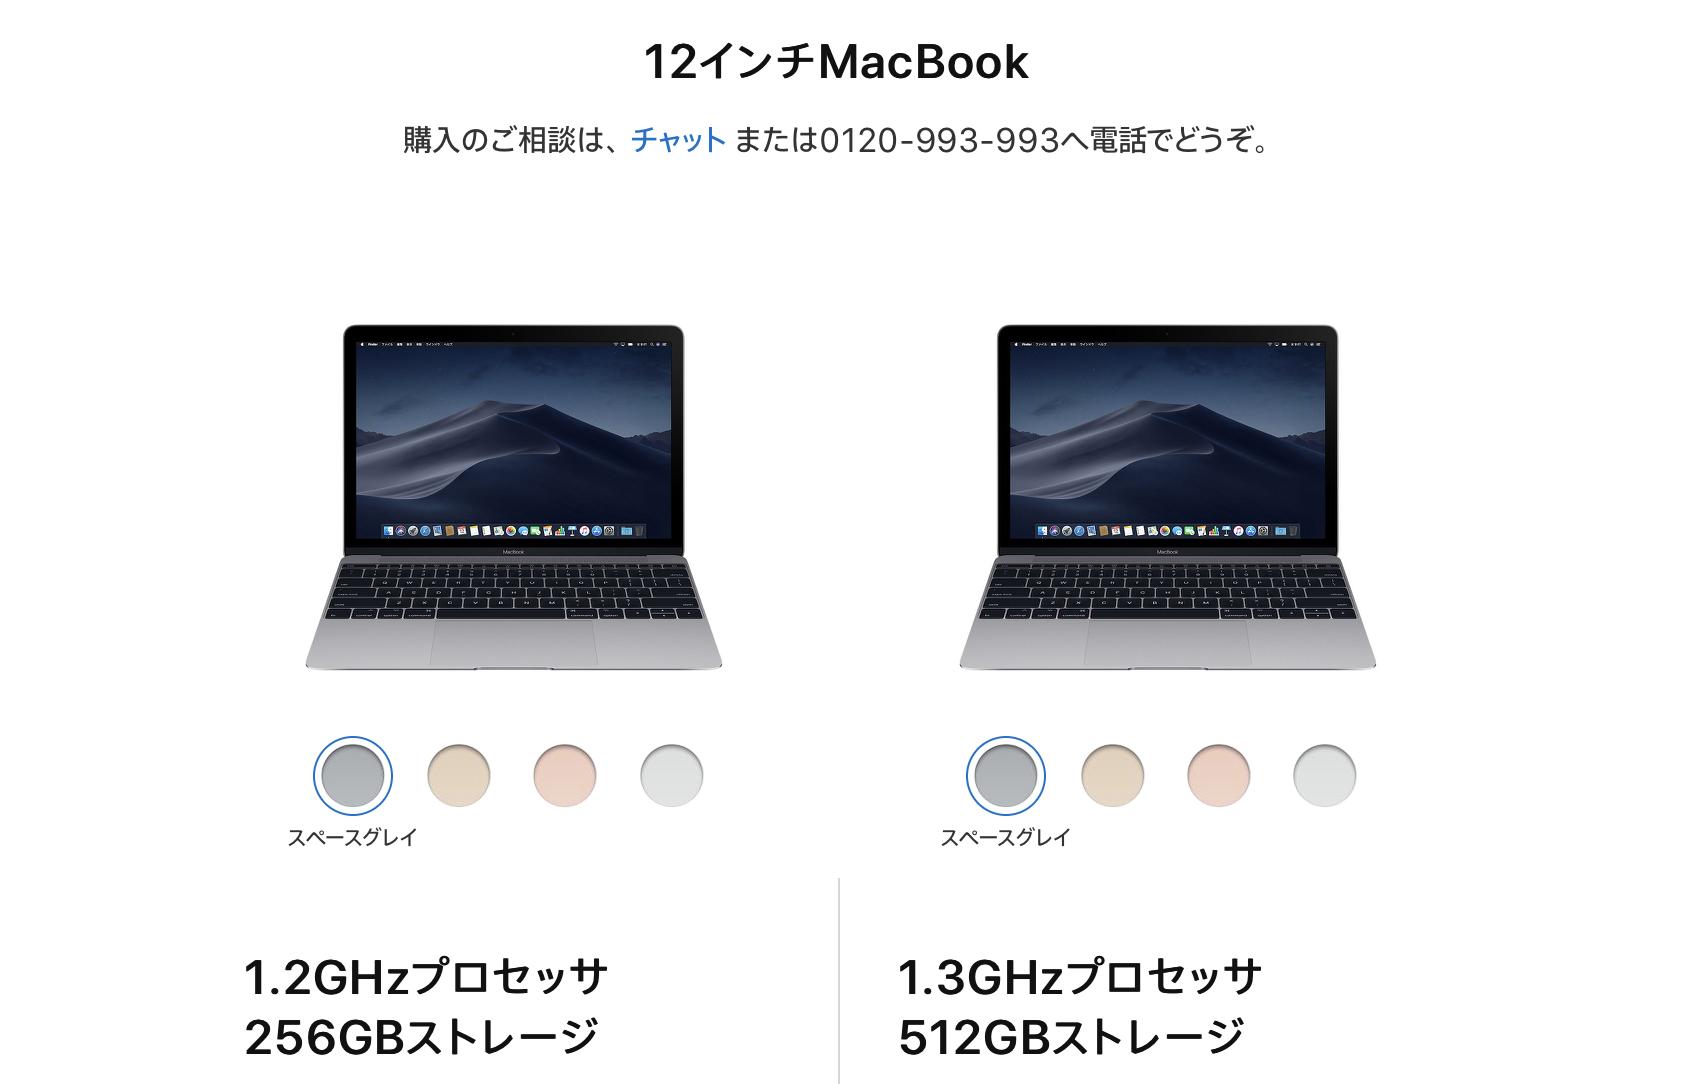 12インチ MacBook 比較